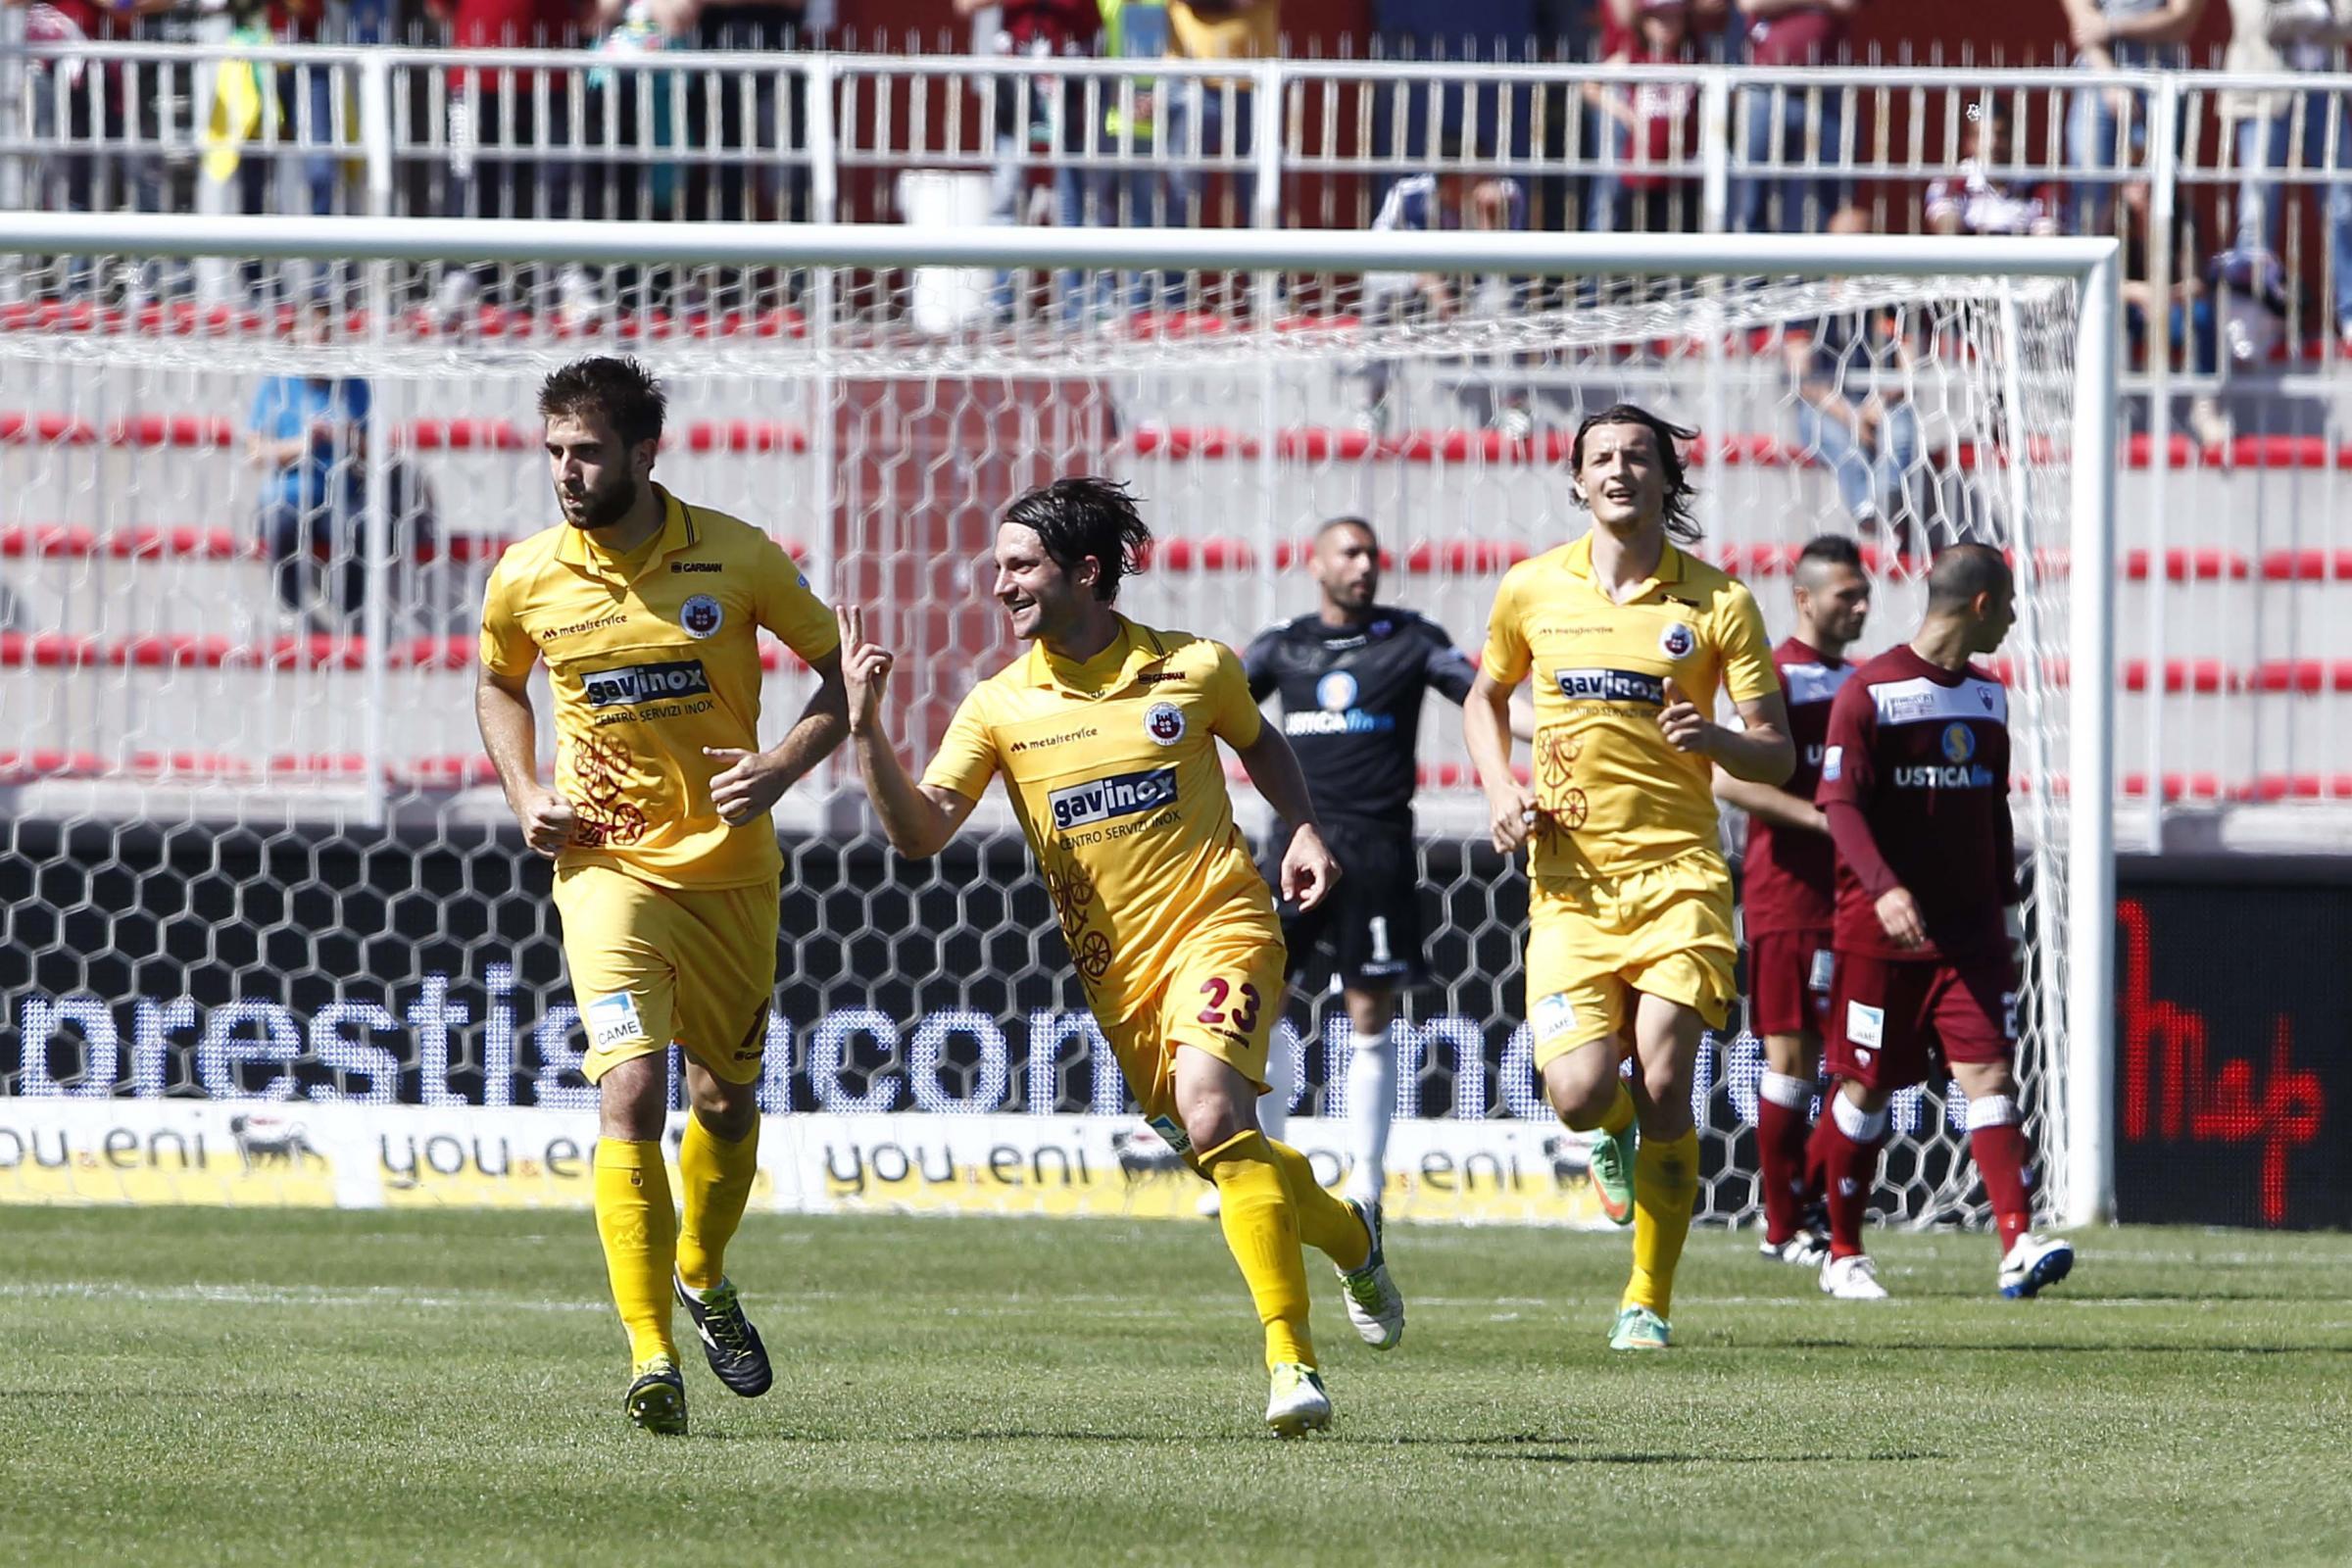 Paolucci esulta dopo il gran gol vittoria di Trapani.